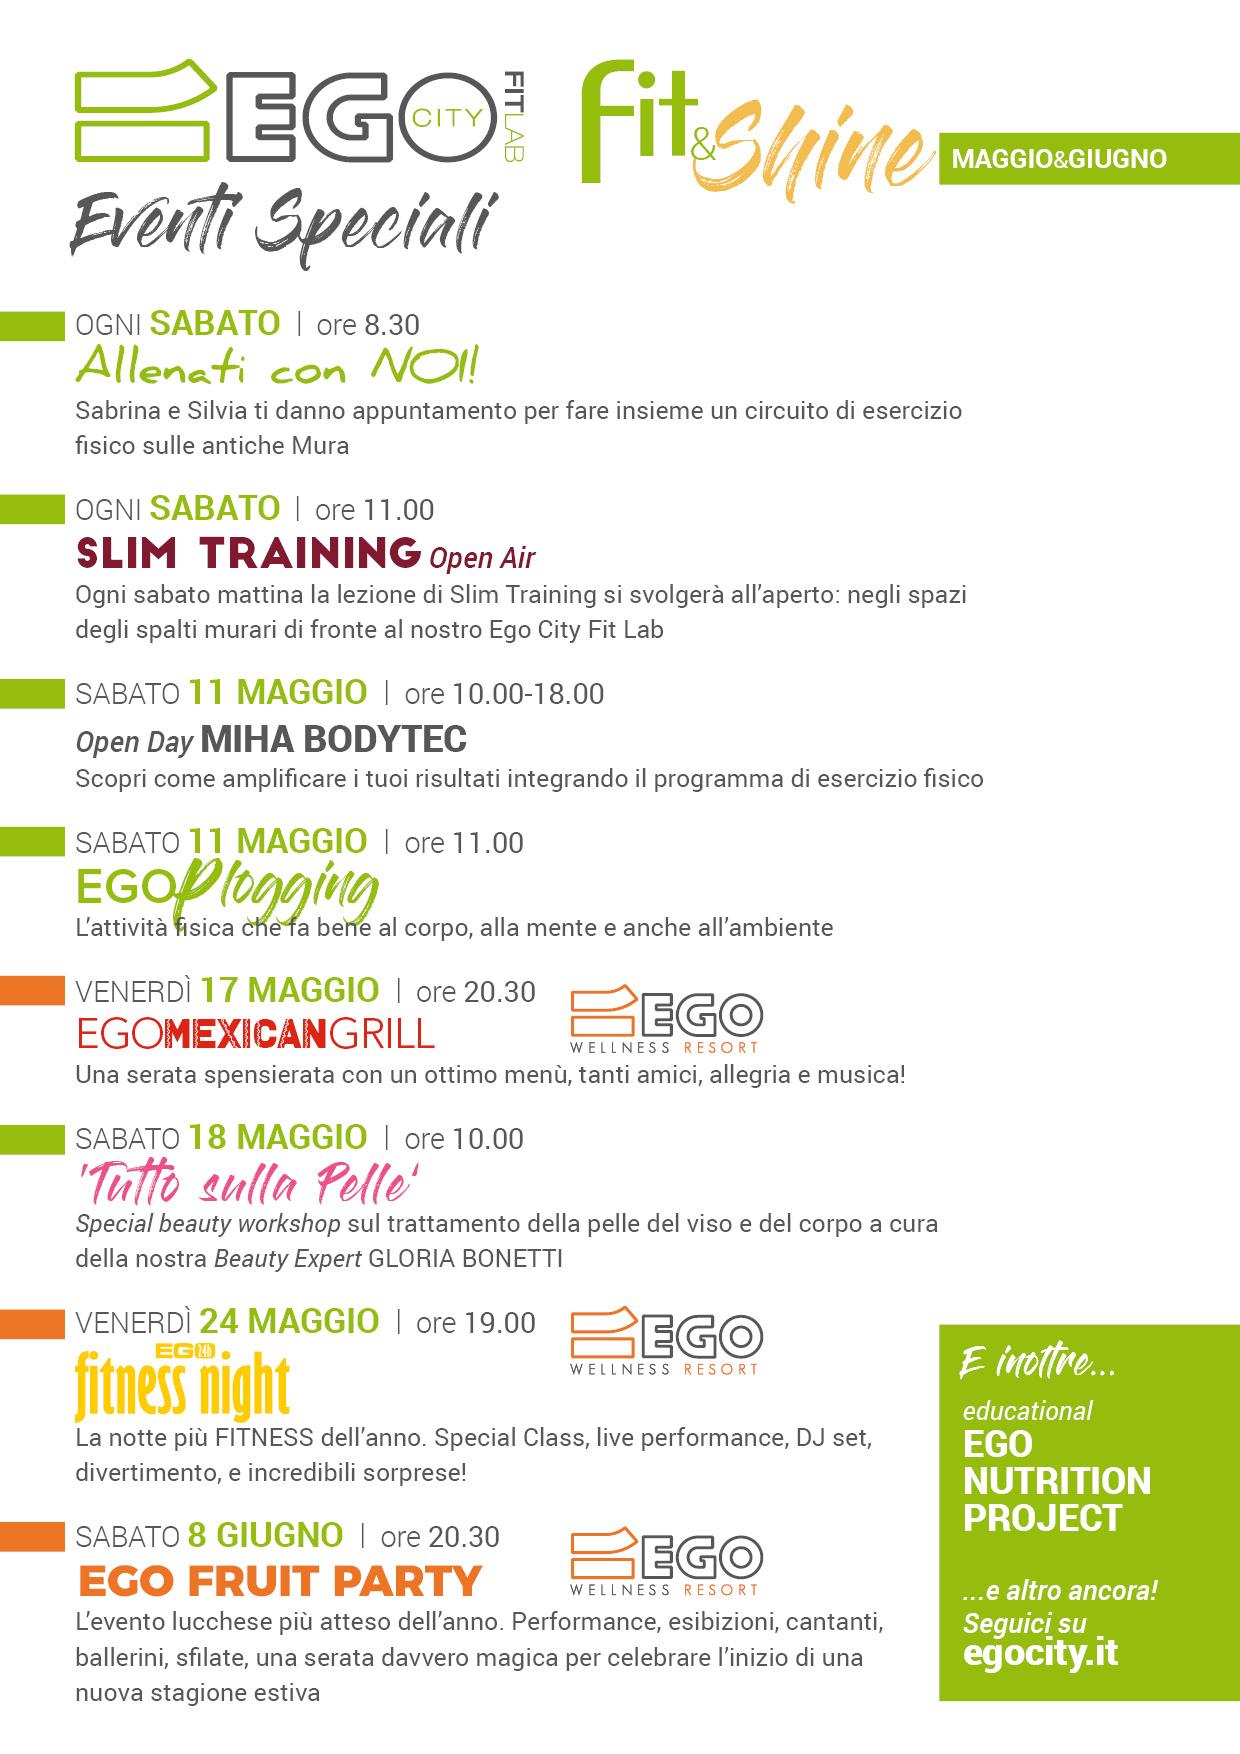 Fit & Shine_calendario_eventi_laboratorio del movimento_Lucca